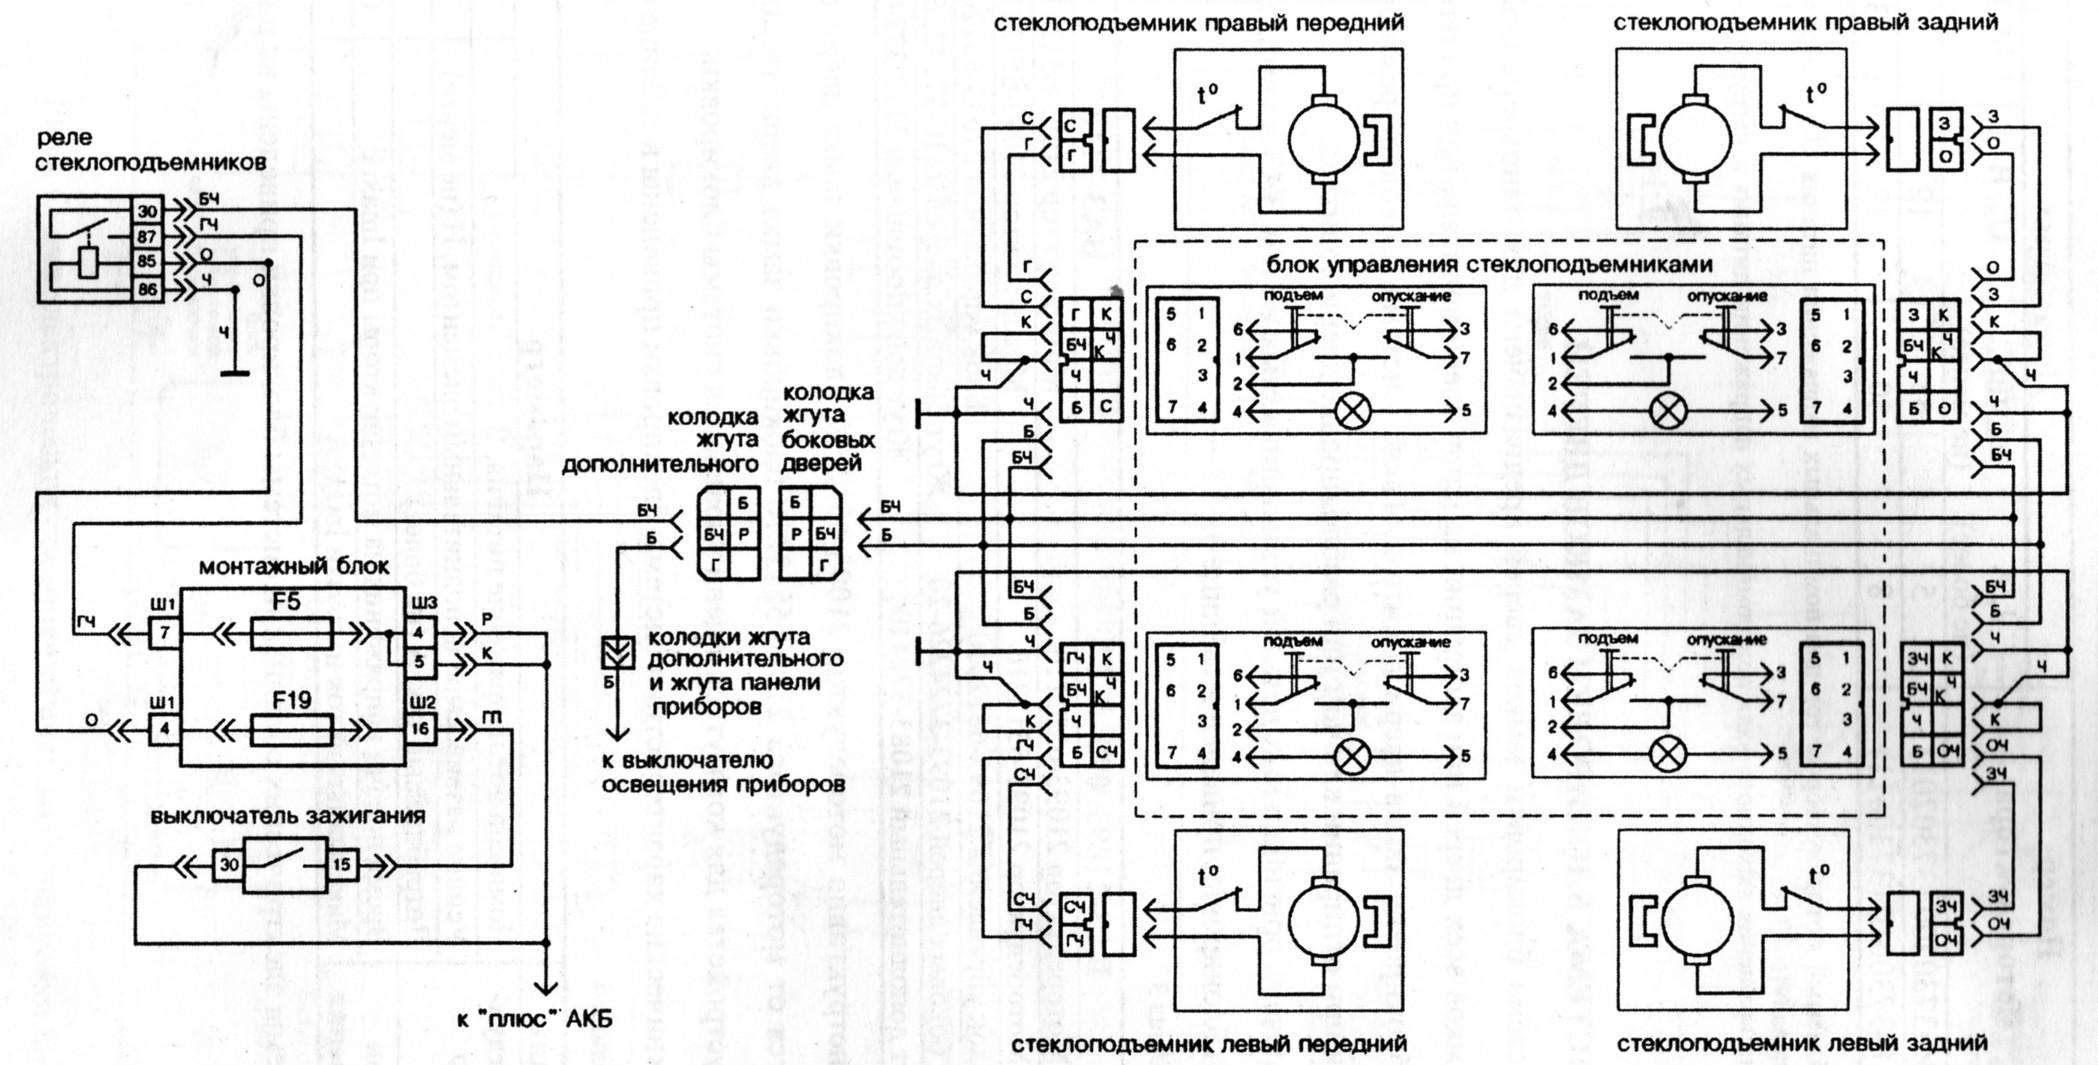 Попогрейка (позиция 3). Стеклоподъёмники (реле в левом верхнем углу схемы) .